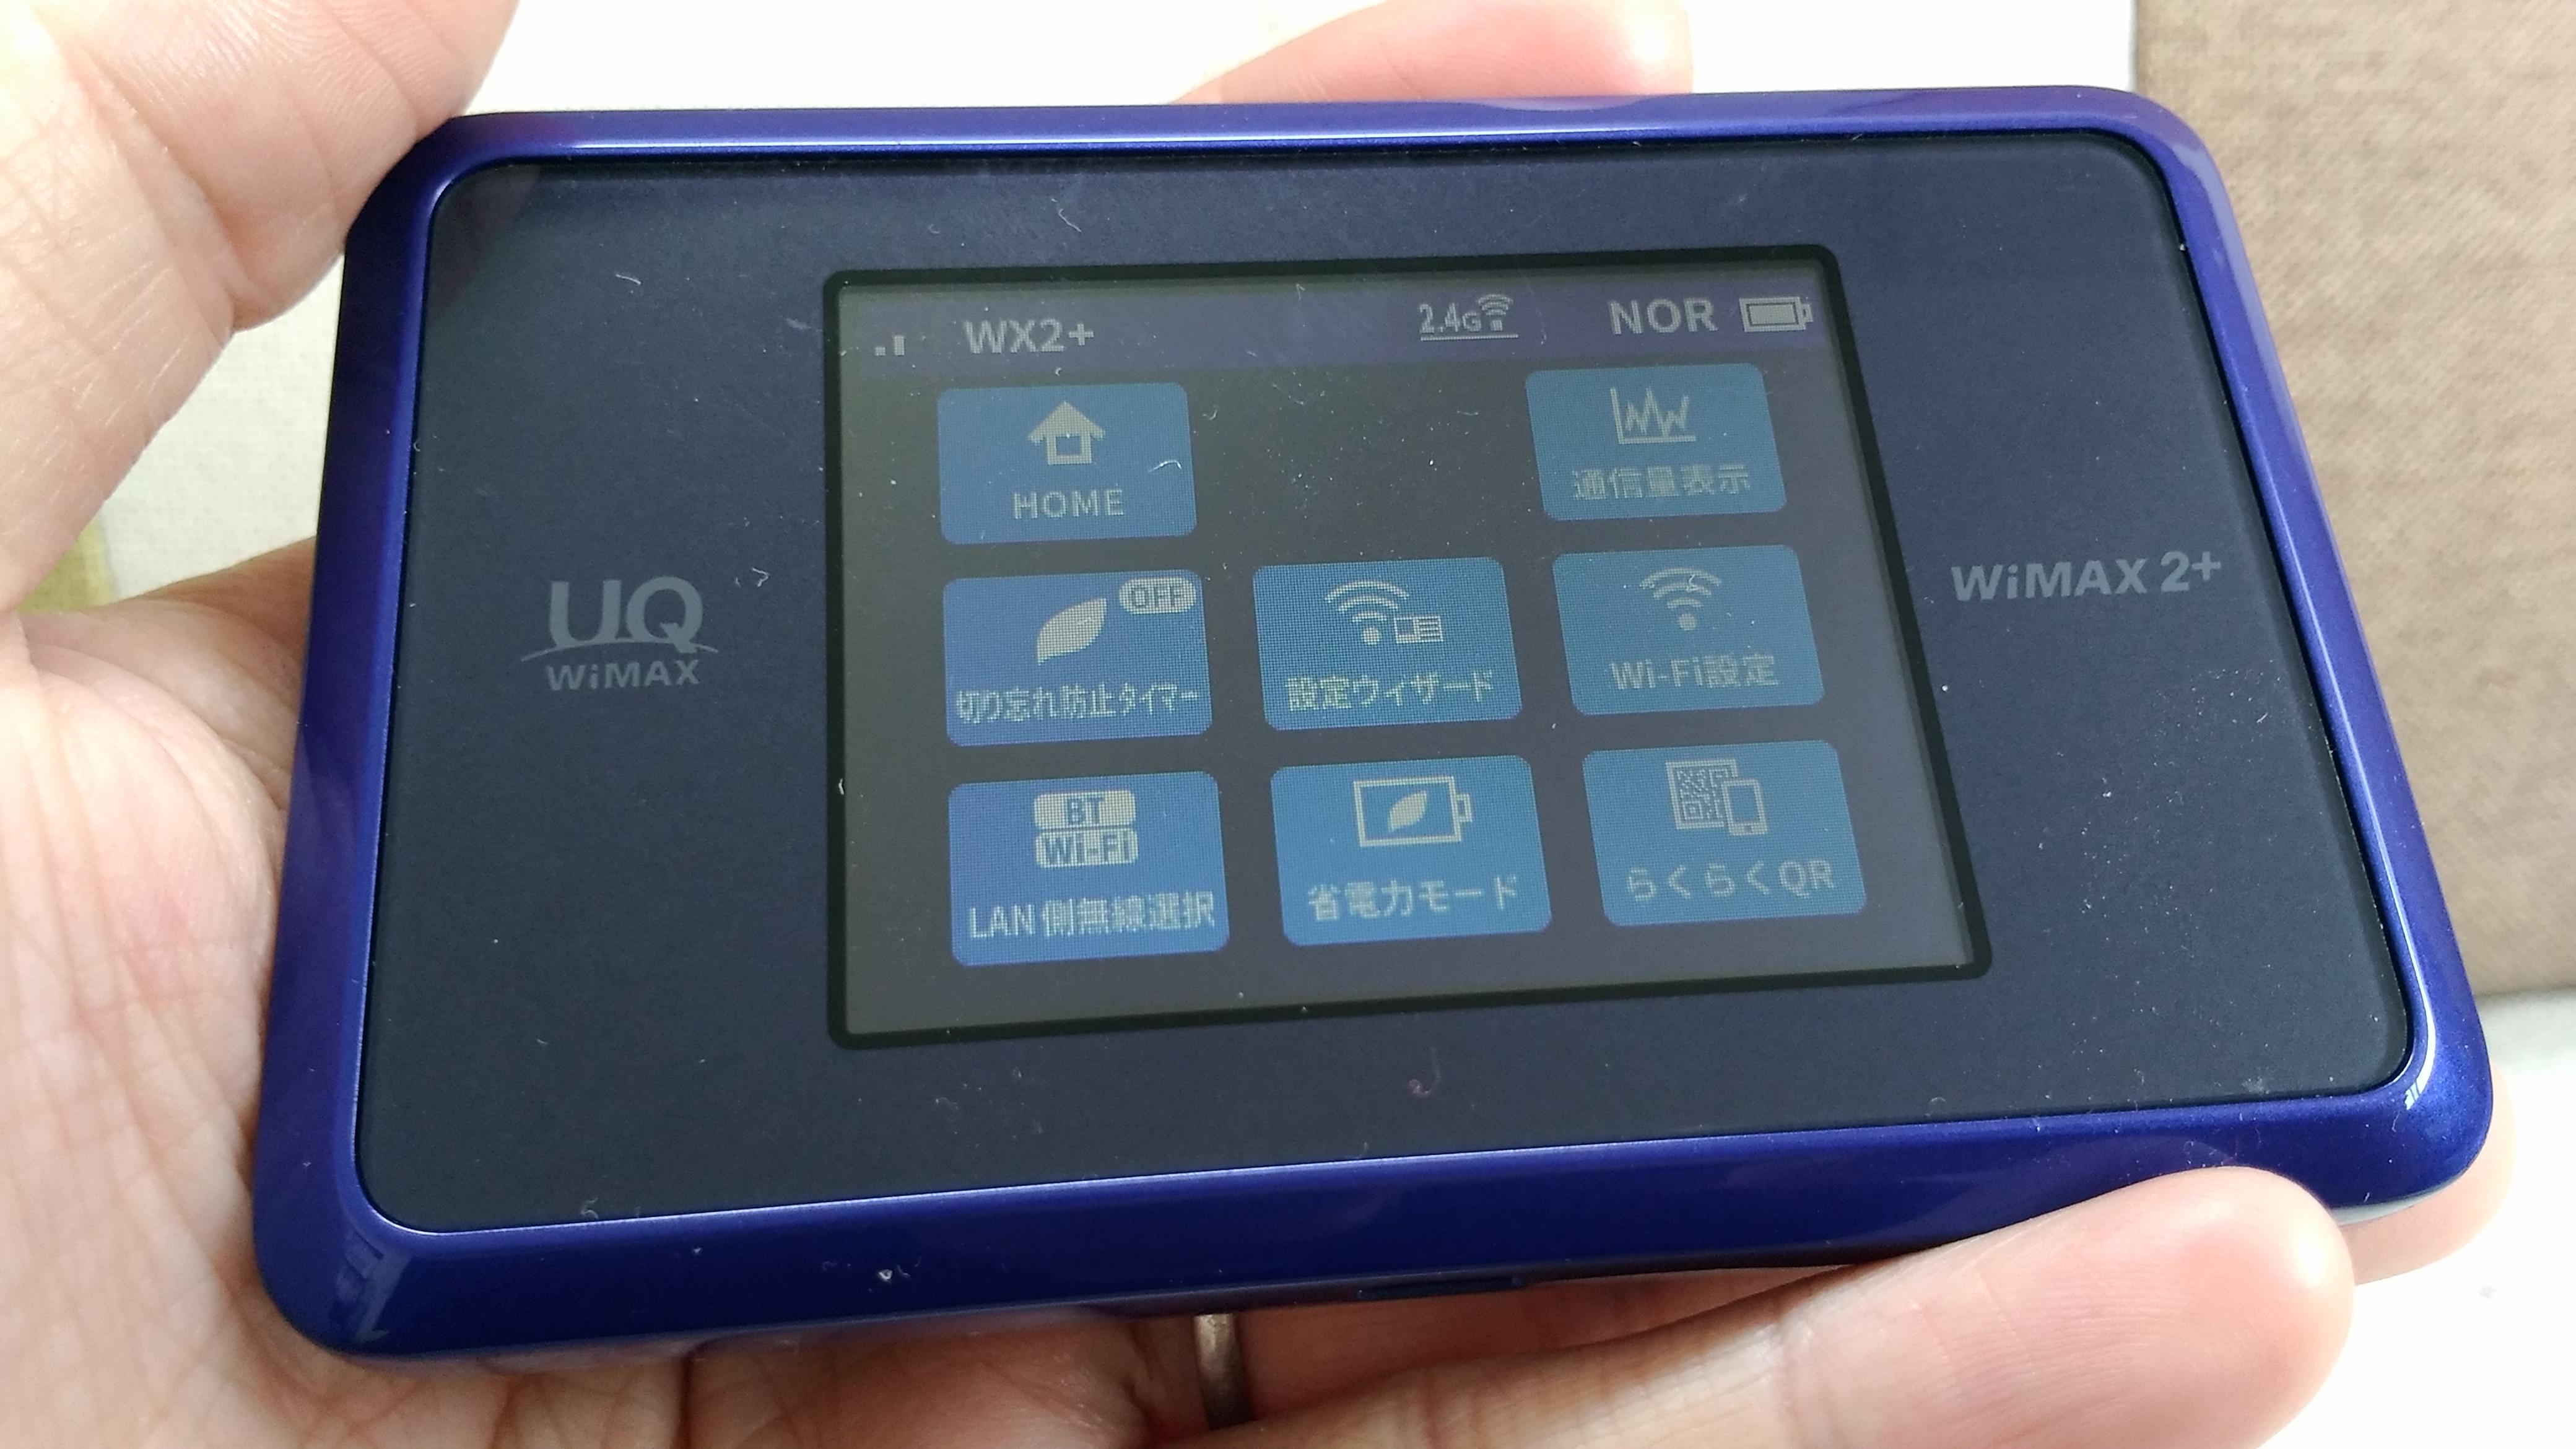 WX03には、クイックメニュー